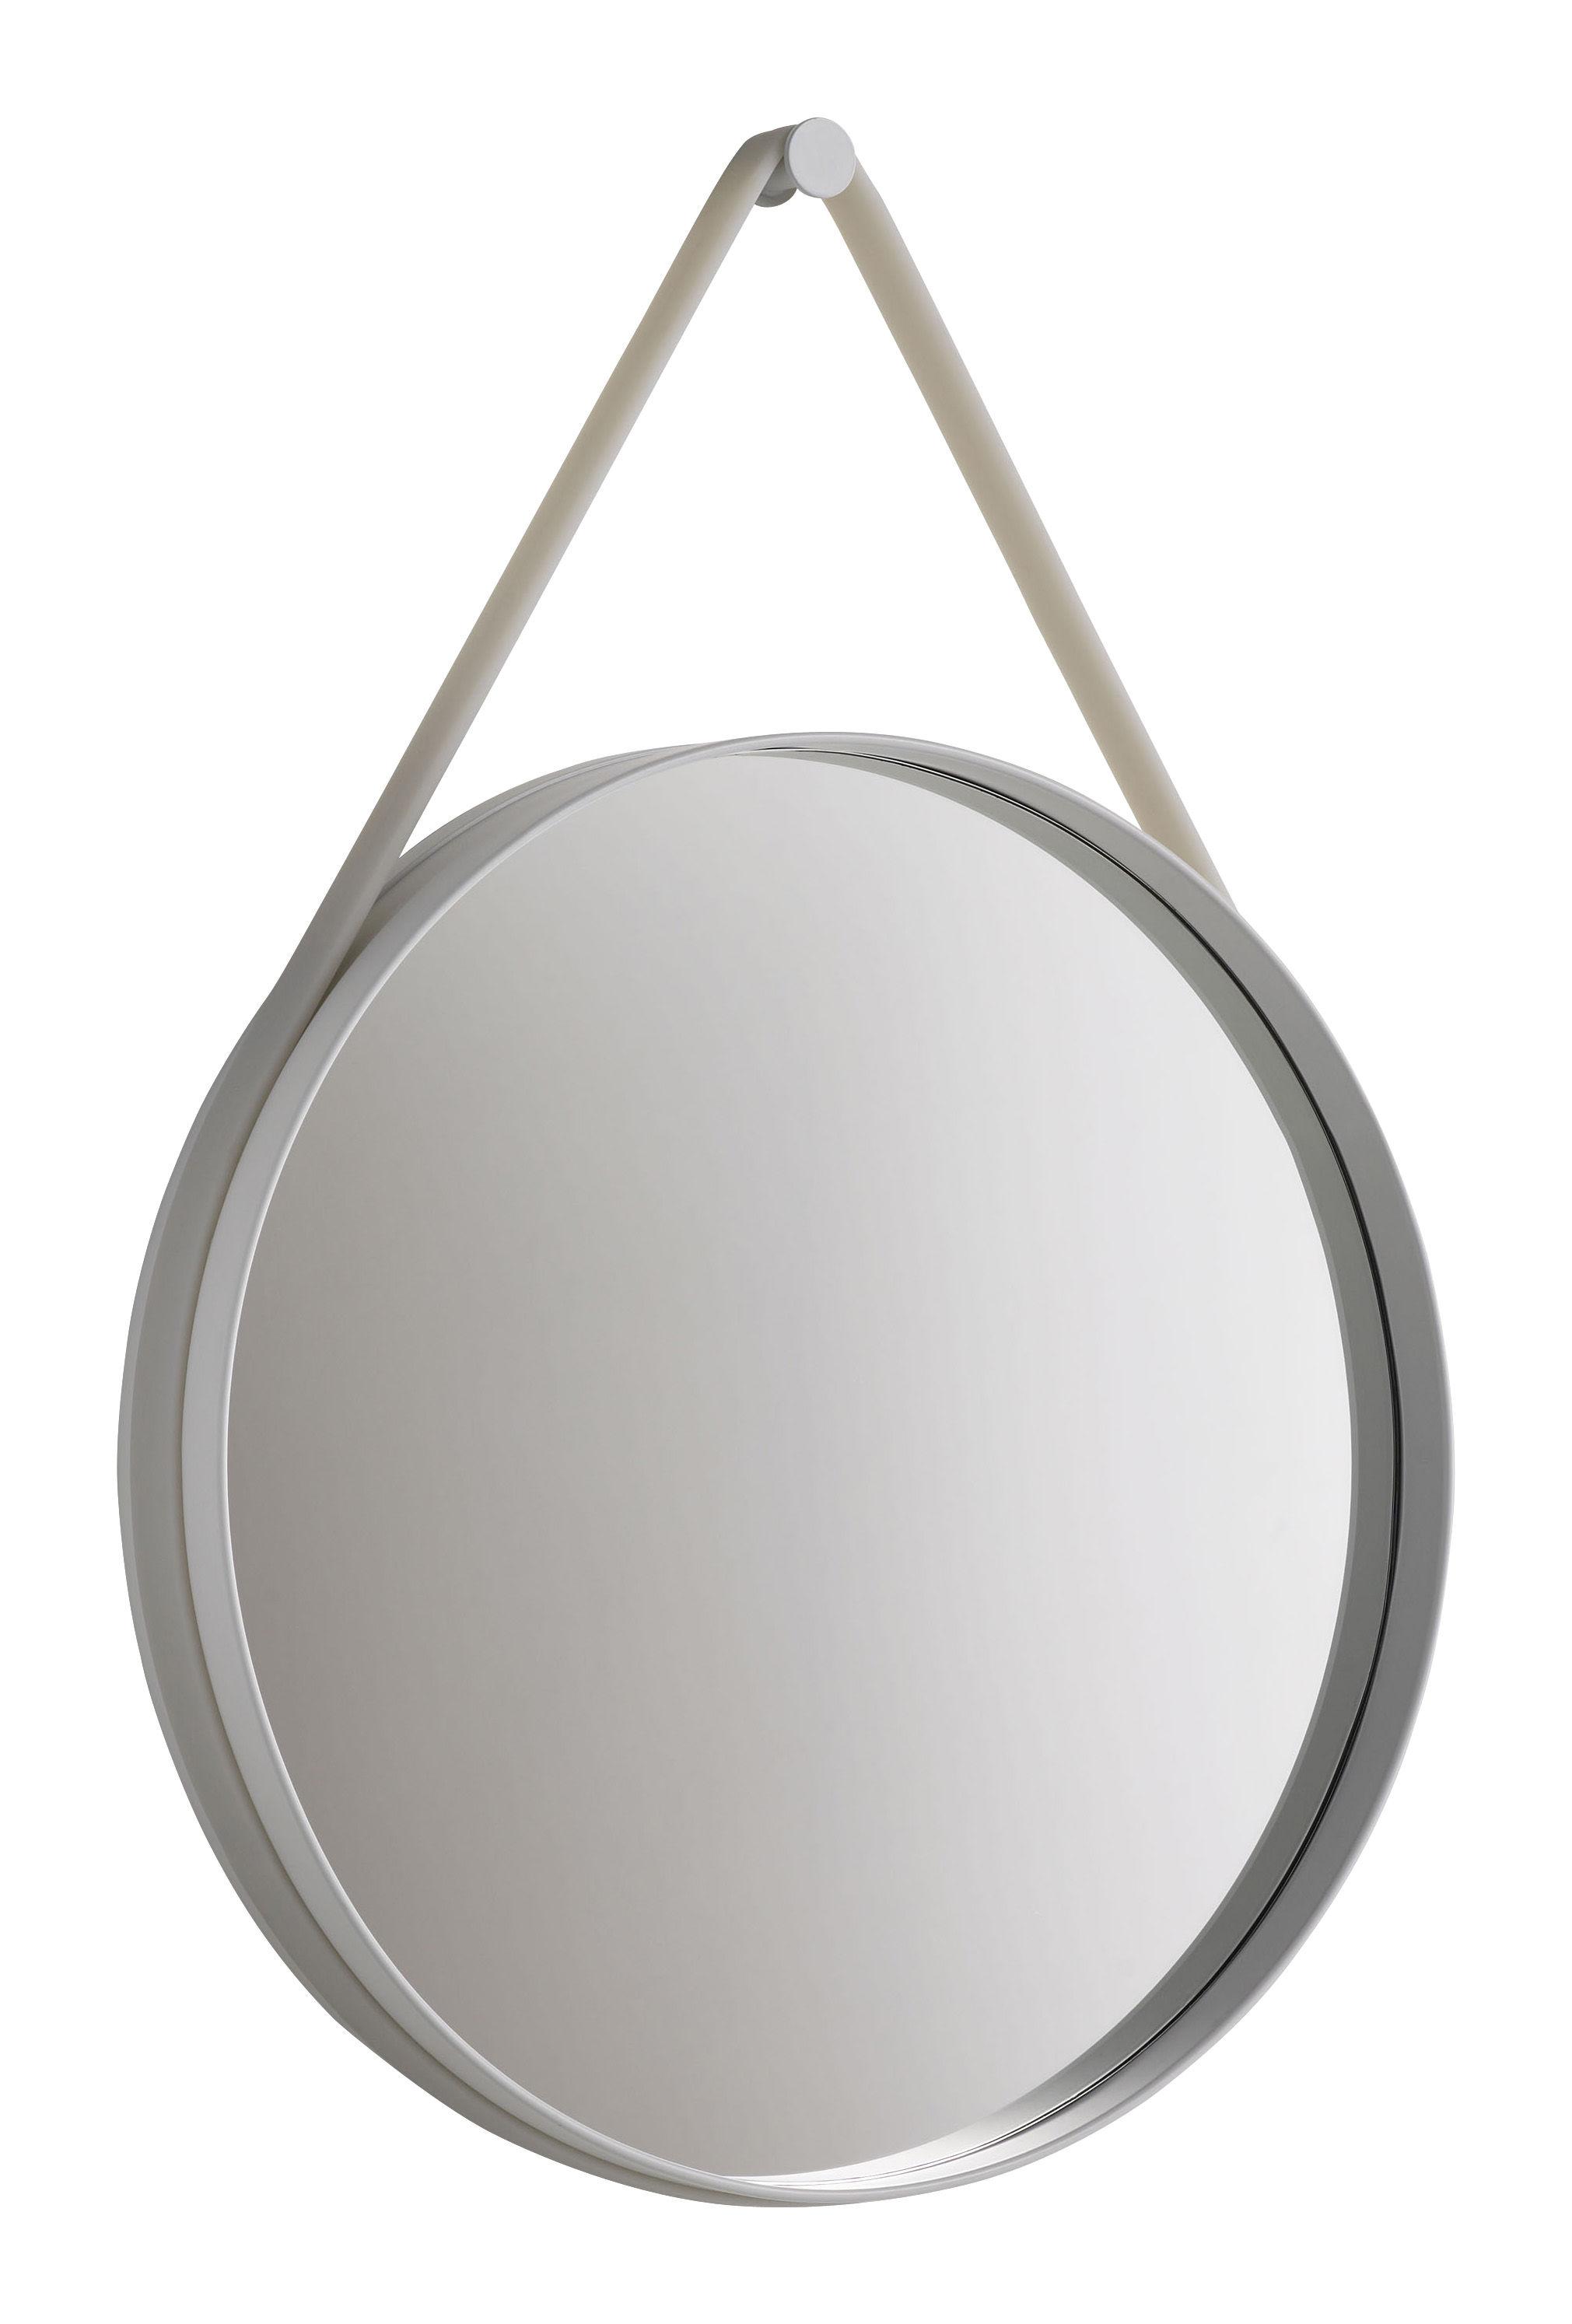 Mobilier - Miroirs - Miroir mural Strap / Ø 50 cm - Hay - Gris clair - Acier laqué, Silicone